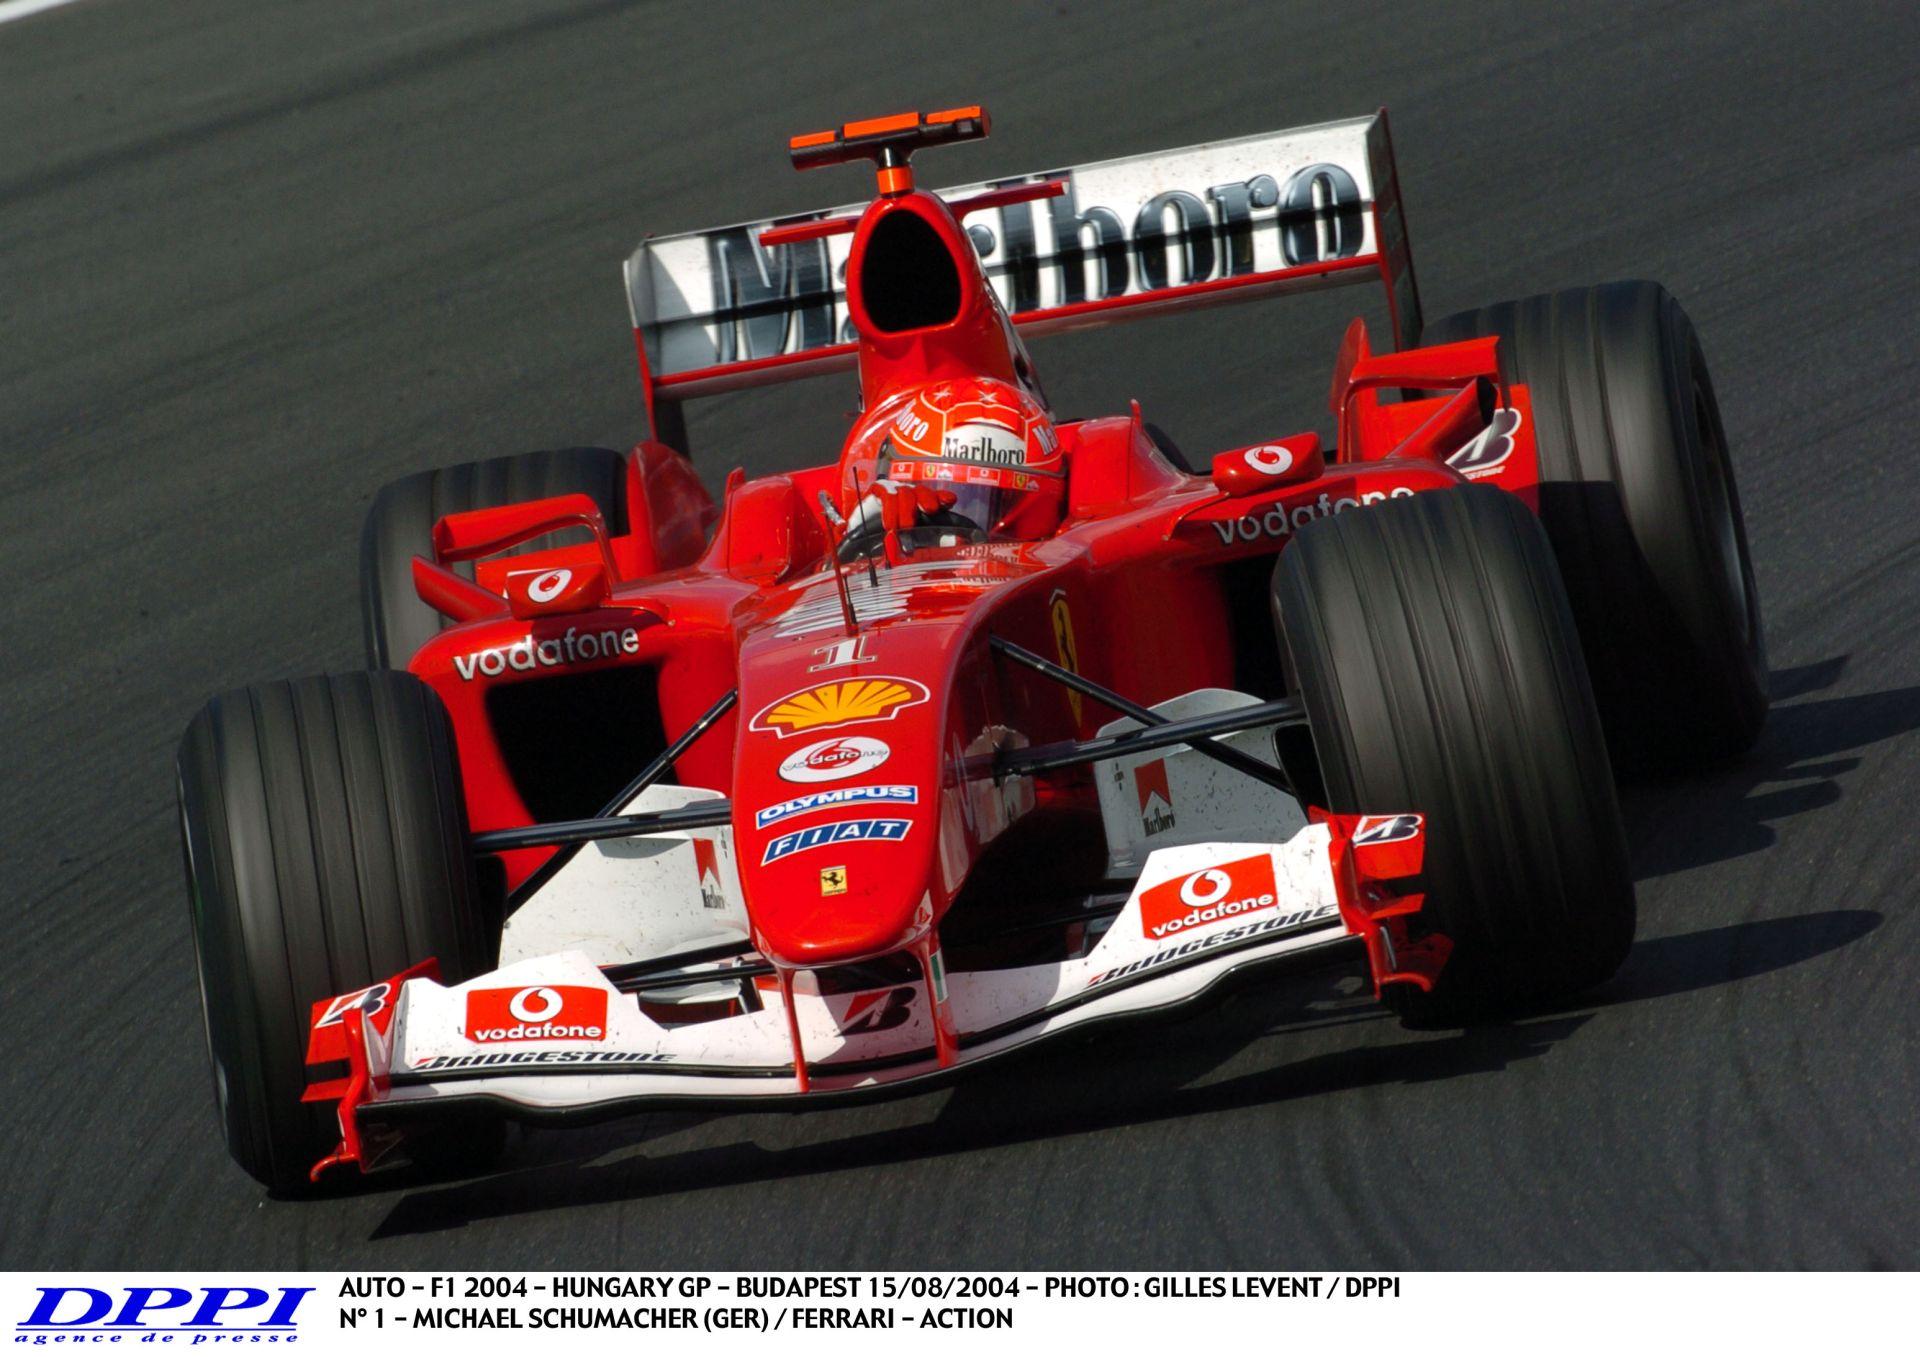 Schumacher hihetetlen menetelése a Ferrarival és győzelme a Magyar Nagydíjon: 12 siker 13 futam alatt